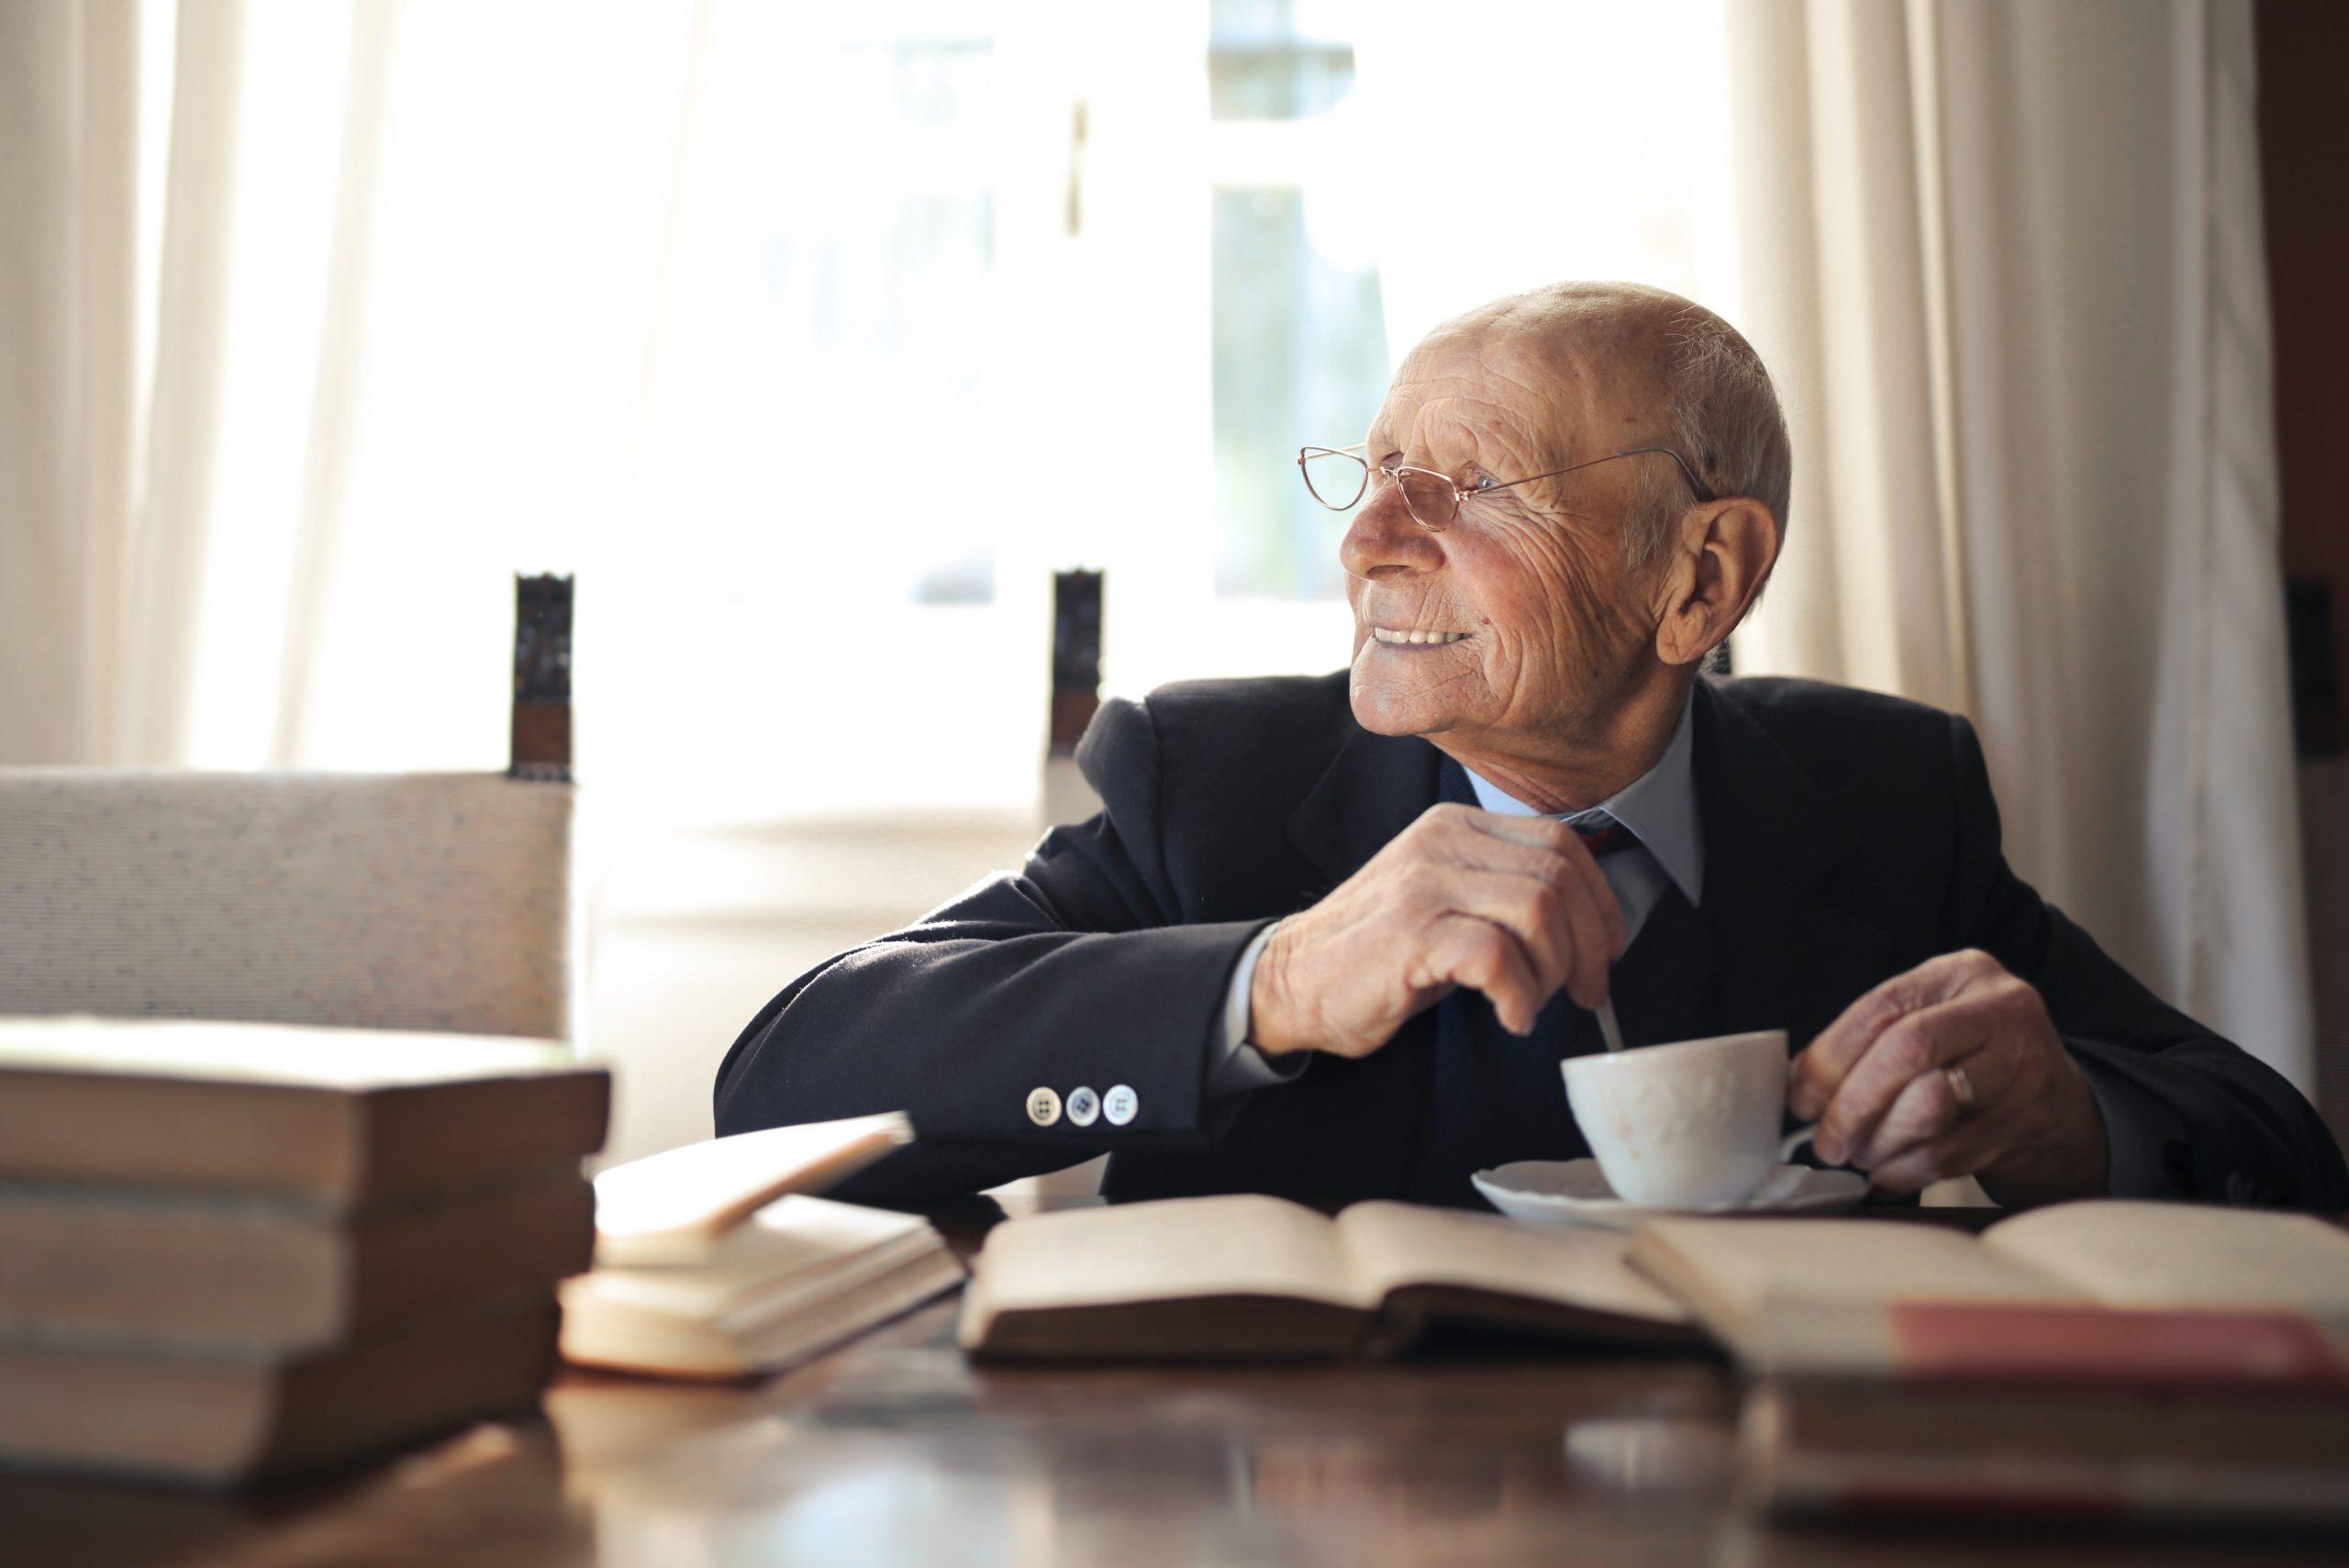 Lernen im Alter – sind wir irgendwann zu alt zum Lernen?